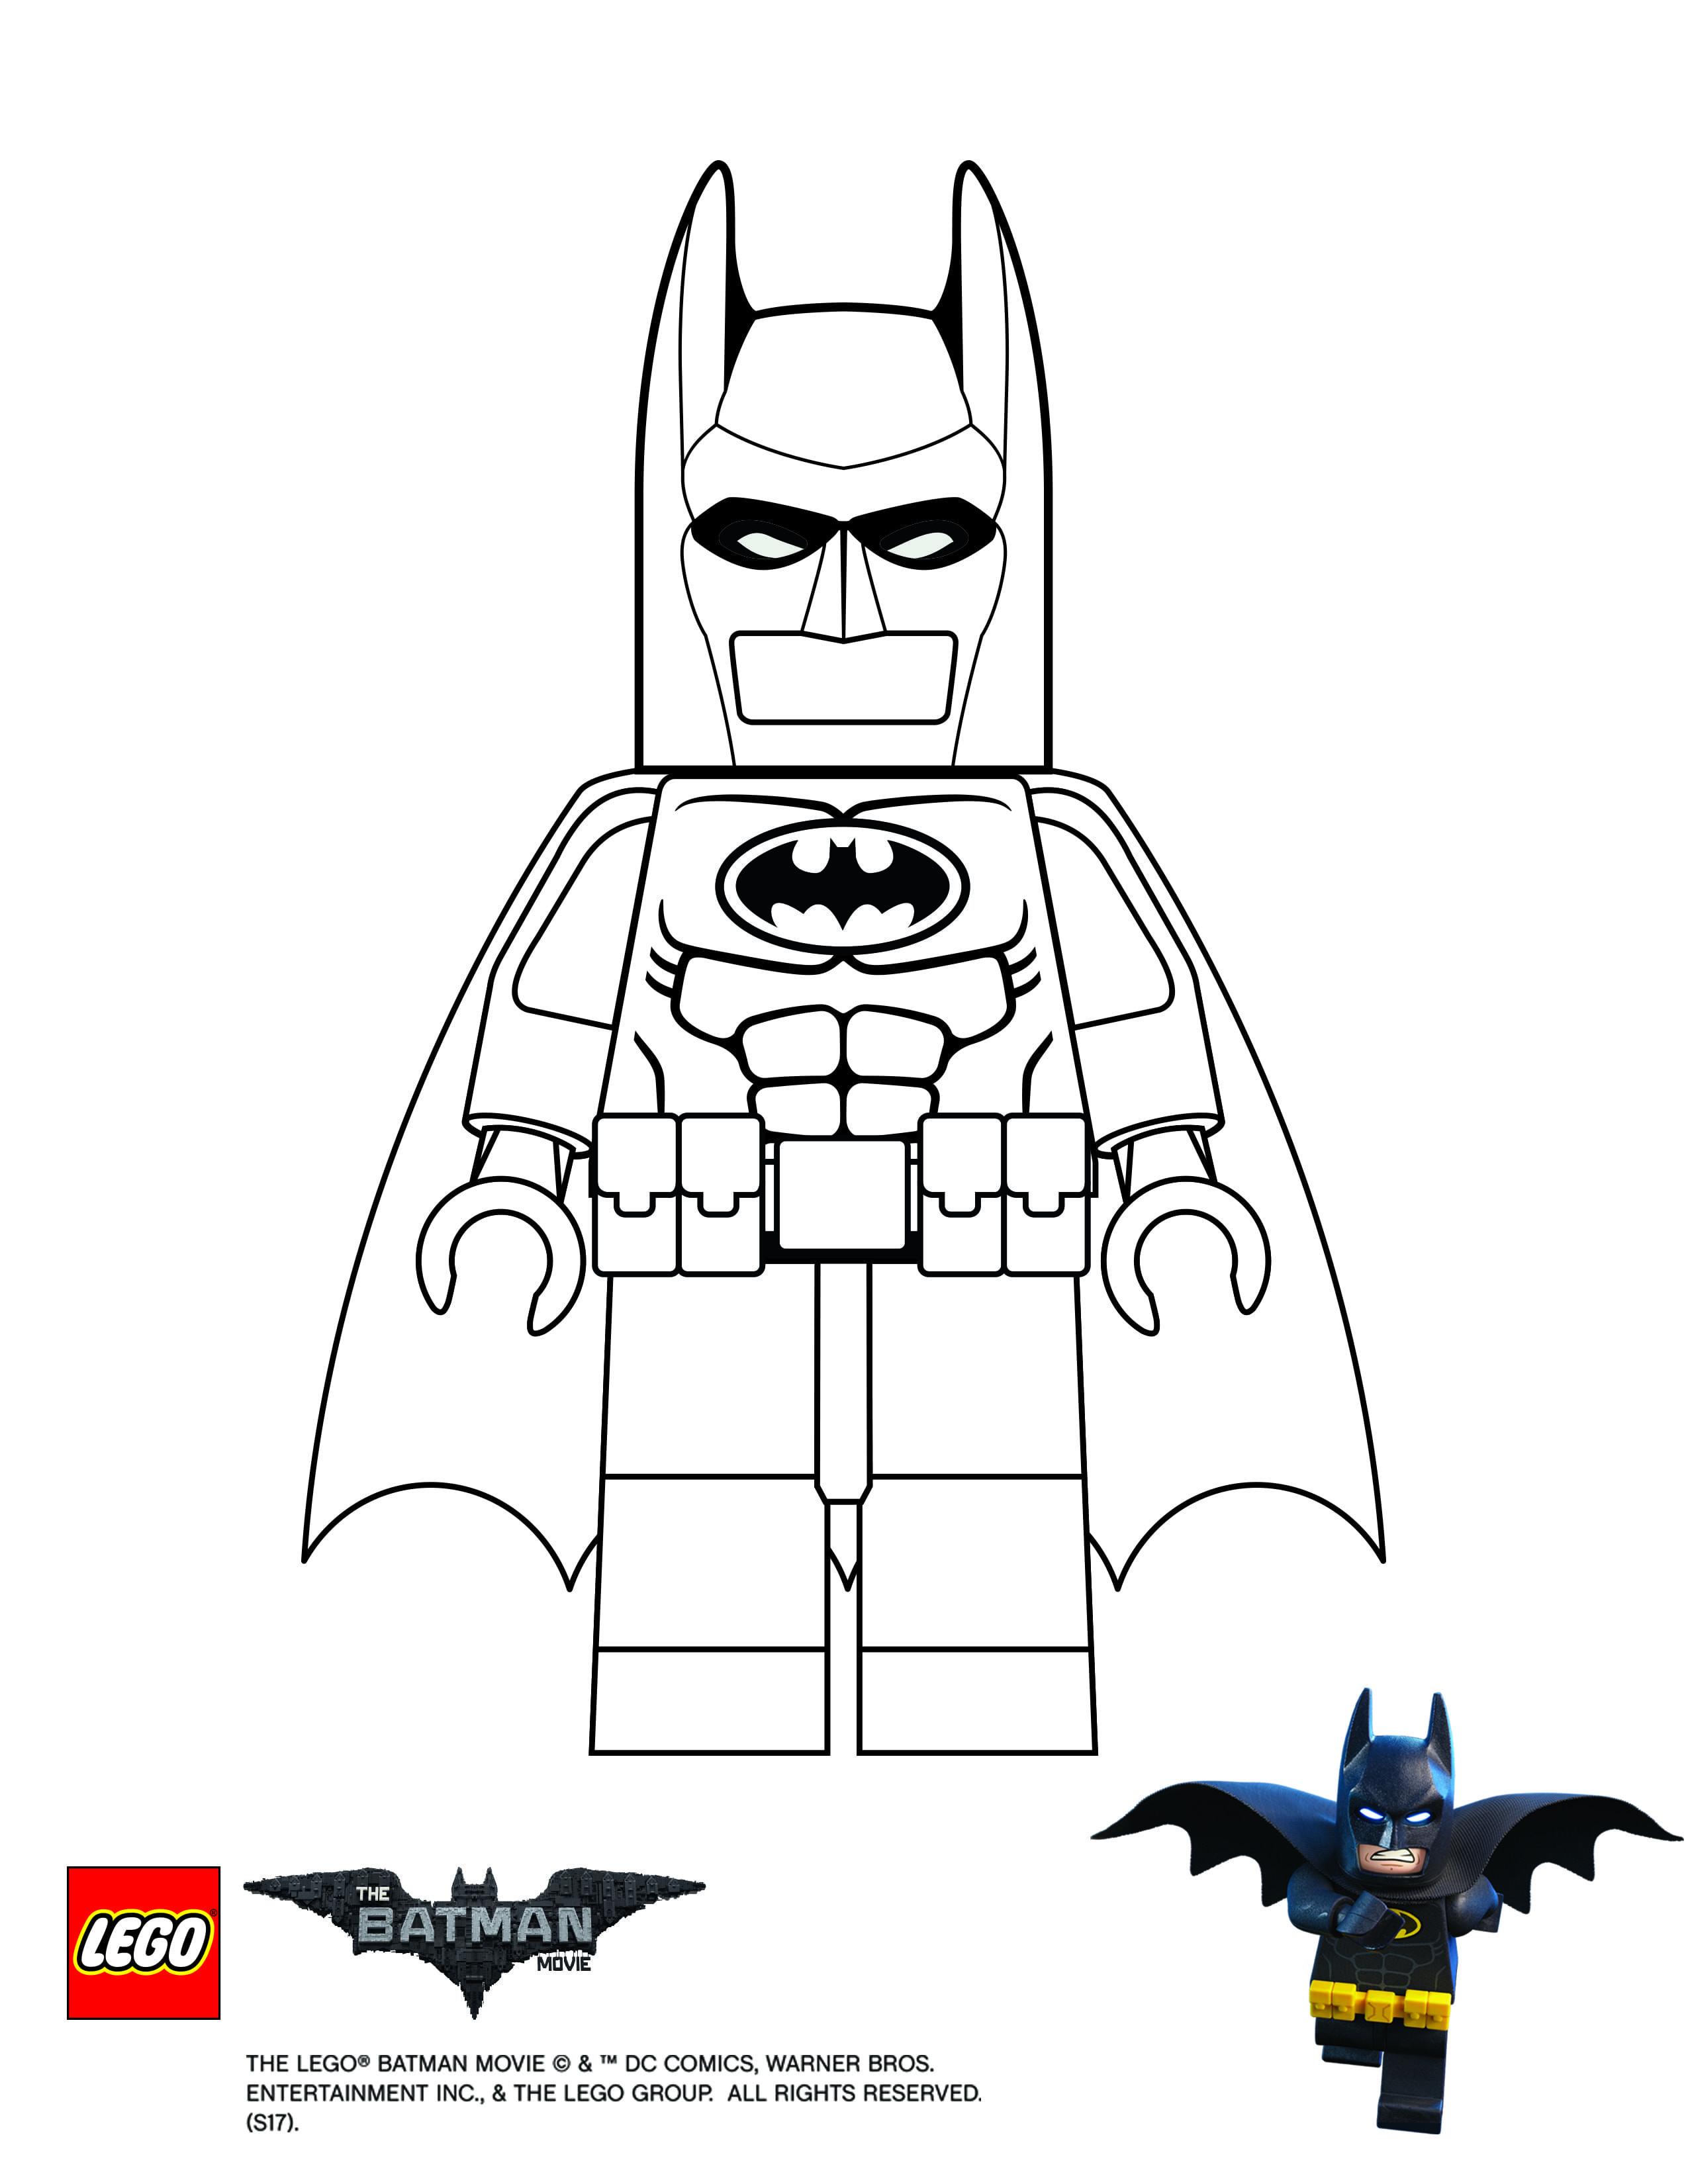 Finish The Deco Batman Batman Coloring Pages Lego Coloring Pages Superhero Coloring Pages